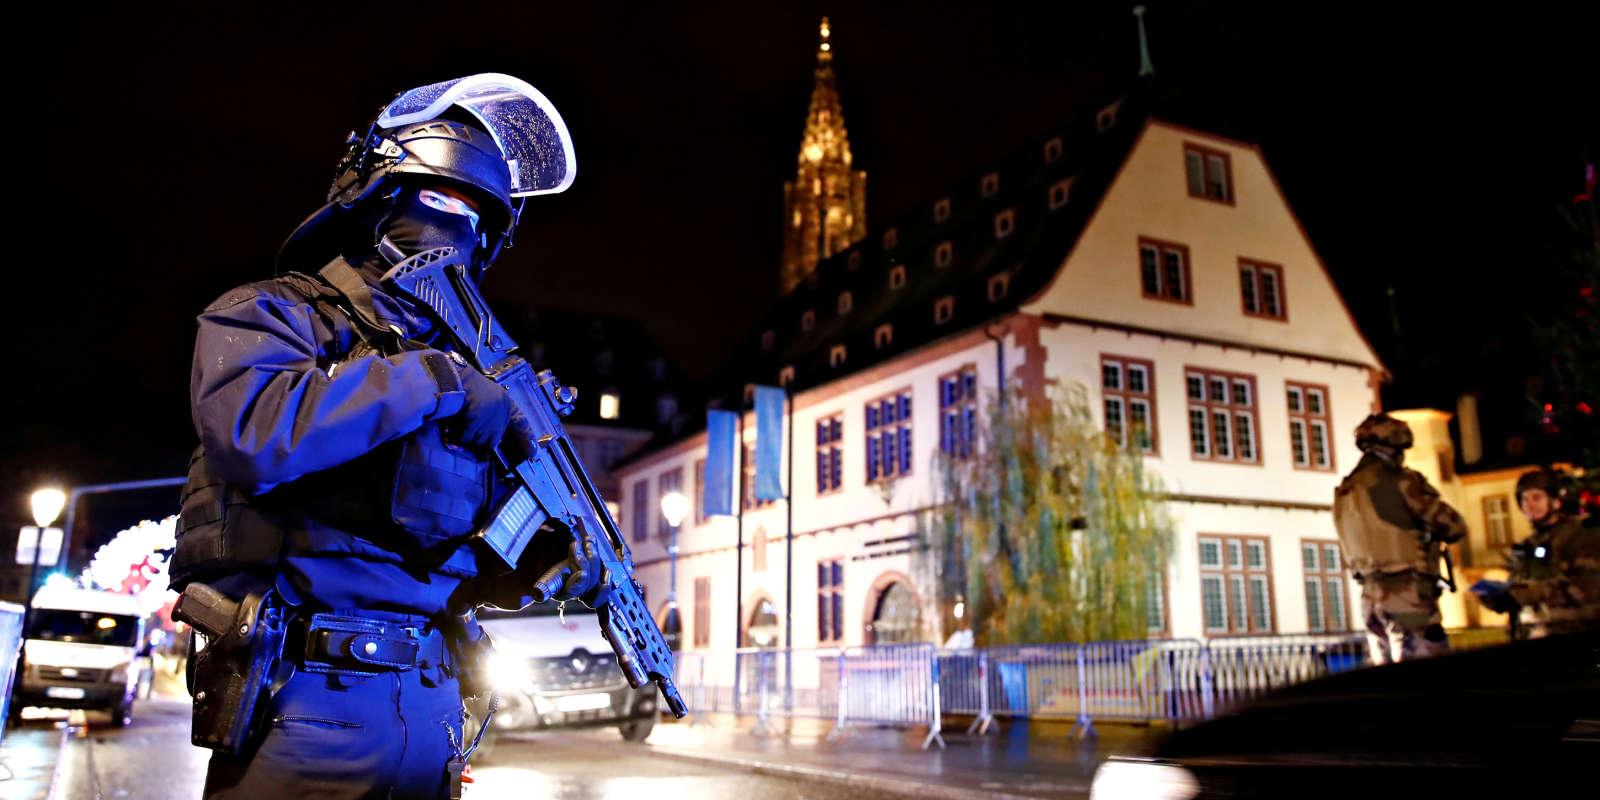 Dans les rues de Strasbourg, après la fusillade survenue sur le marché de Noël, le 11 décembre.